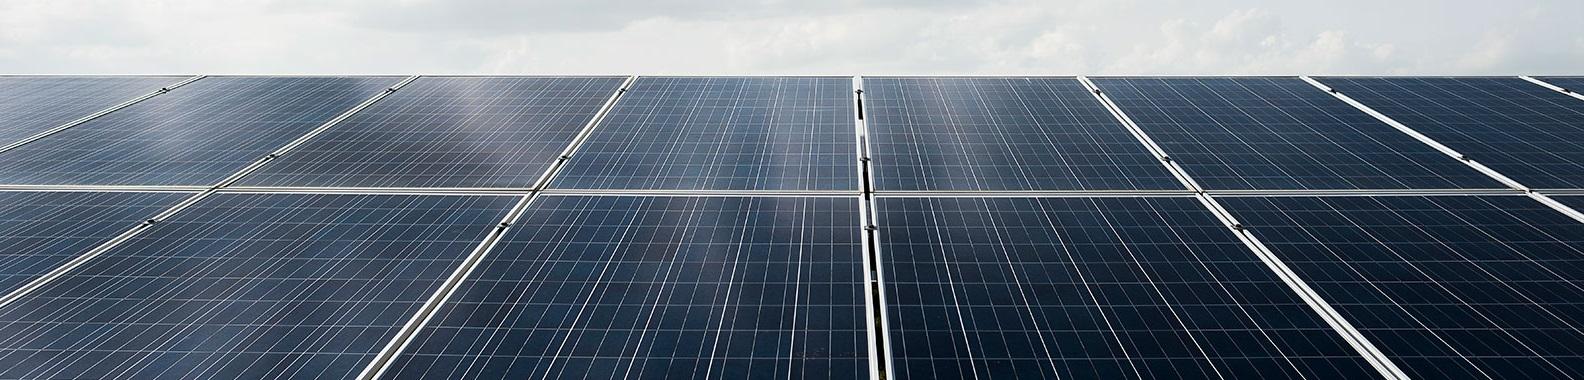 fotovoltaica-portada-general